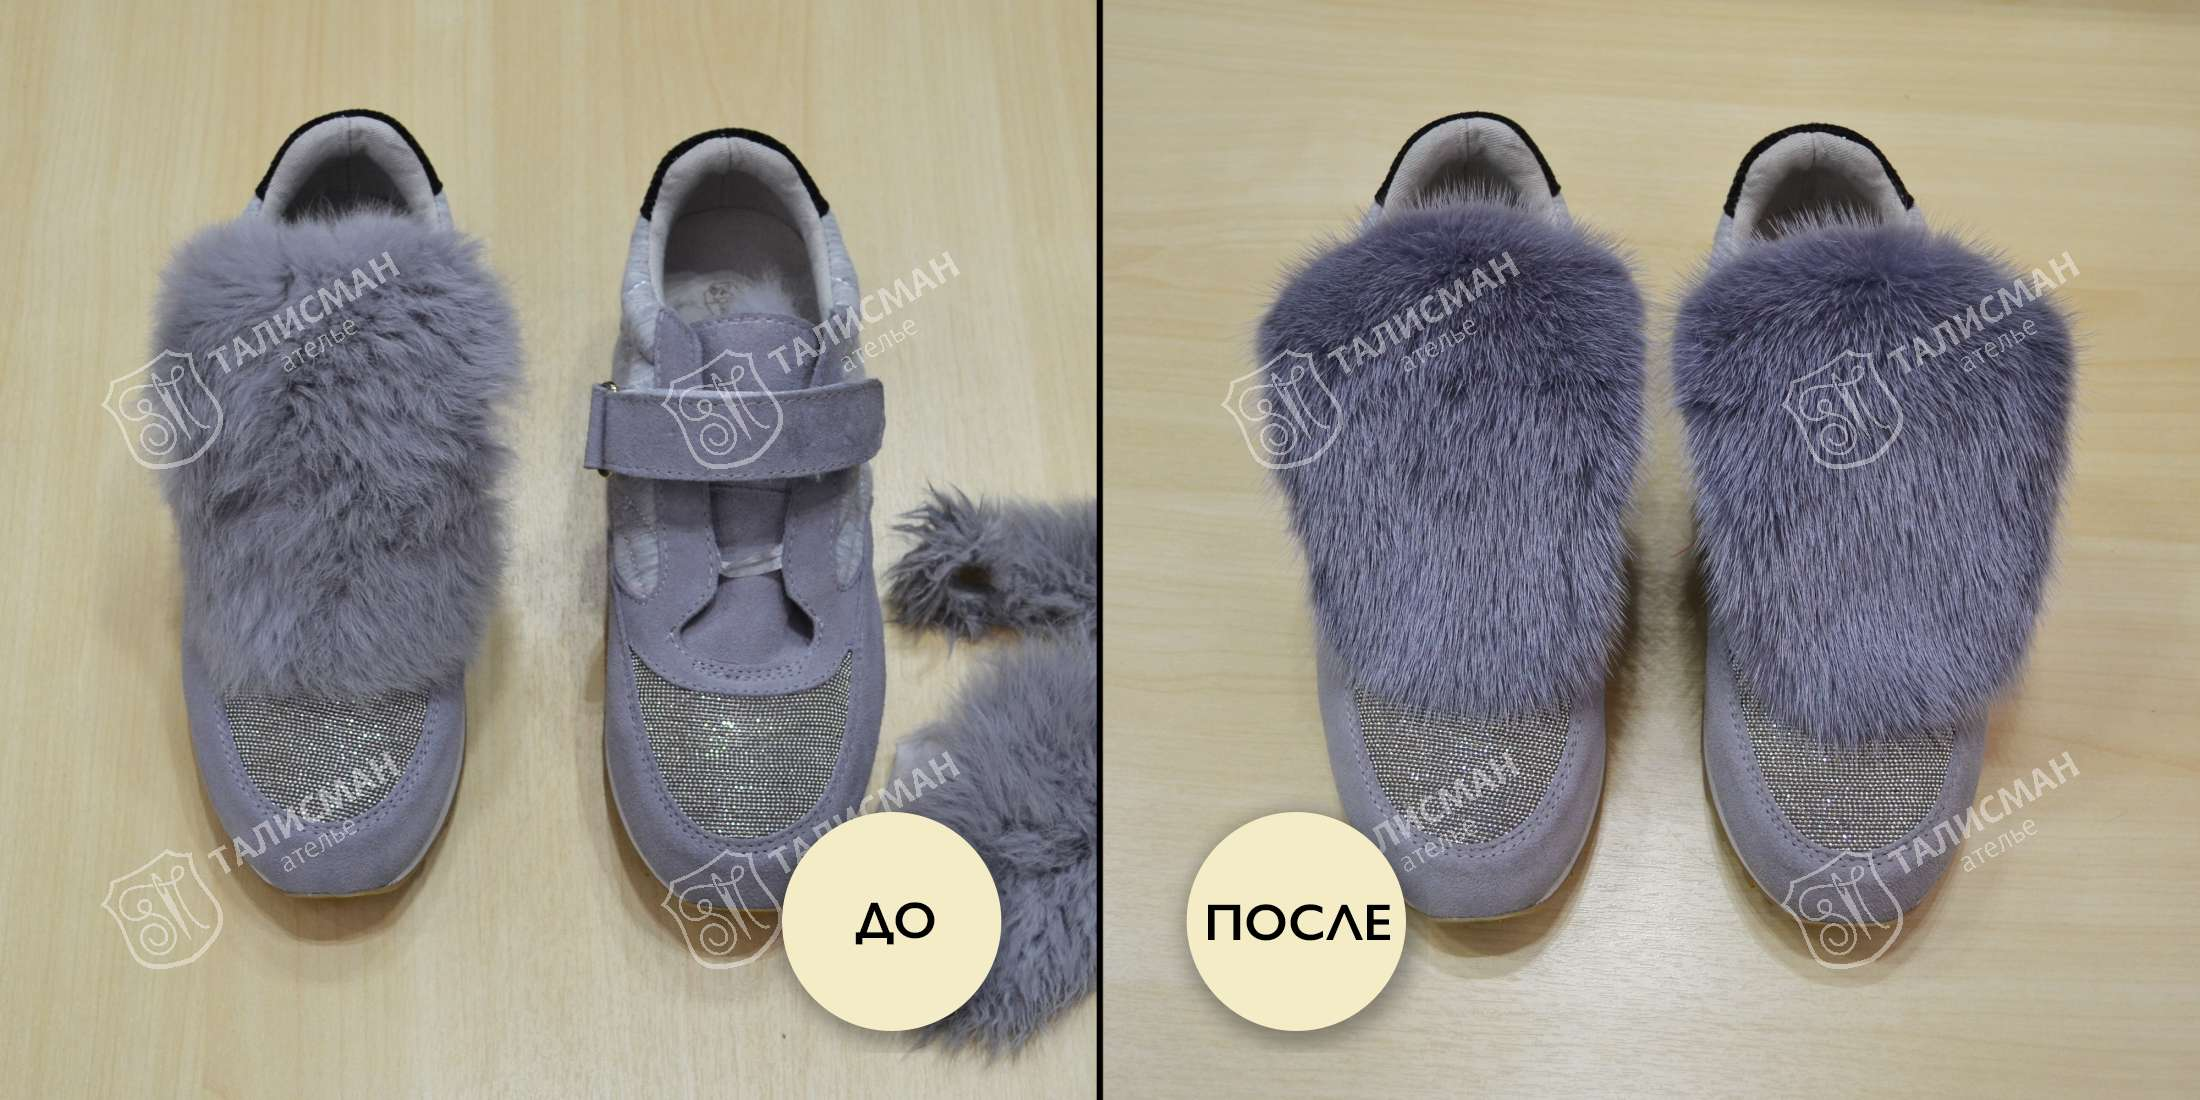 69b13ed6c9f Индивидуальный пошив одежды на заказ в Москве для взрослых и детей в ...